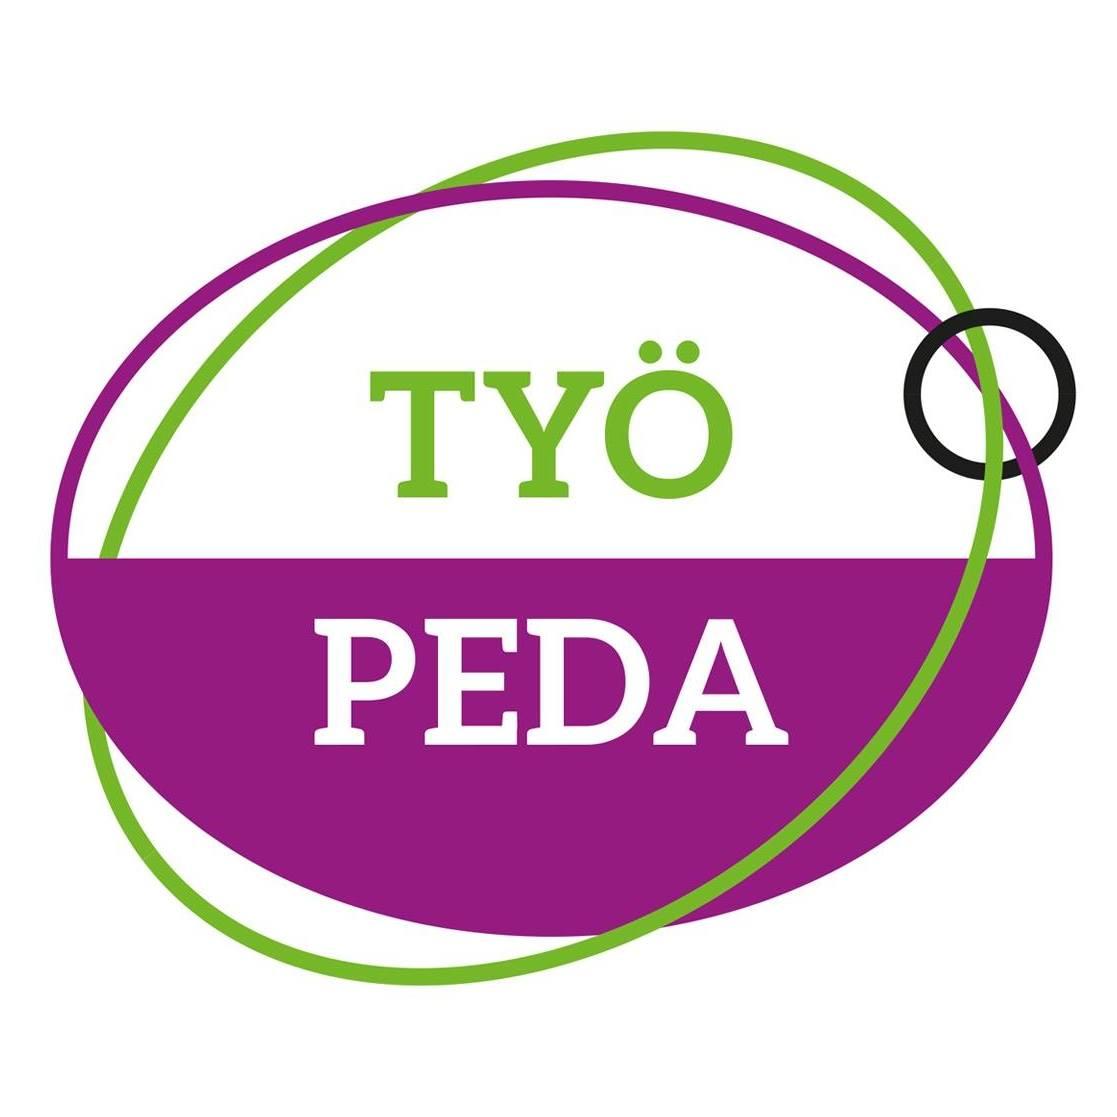 Työpeda logo